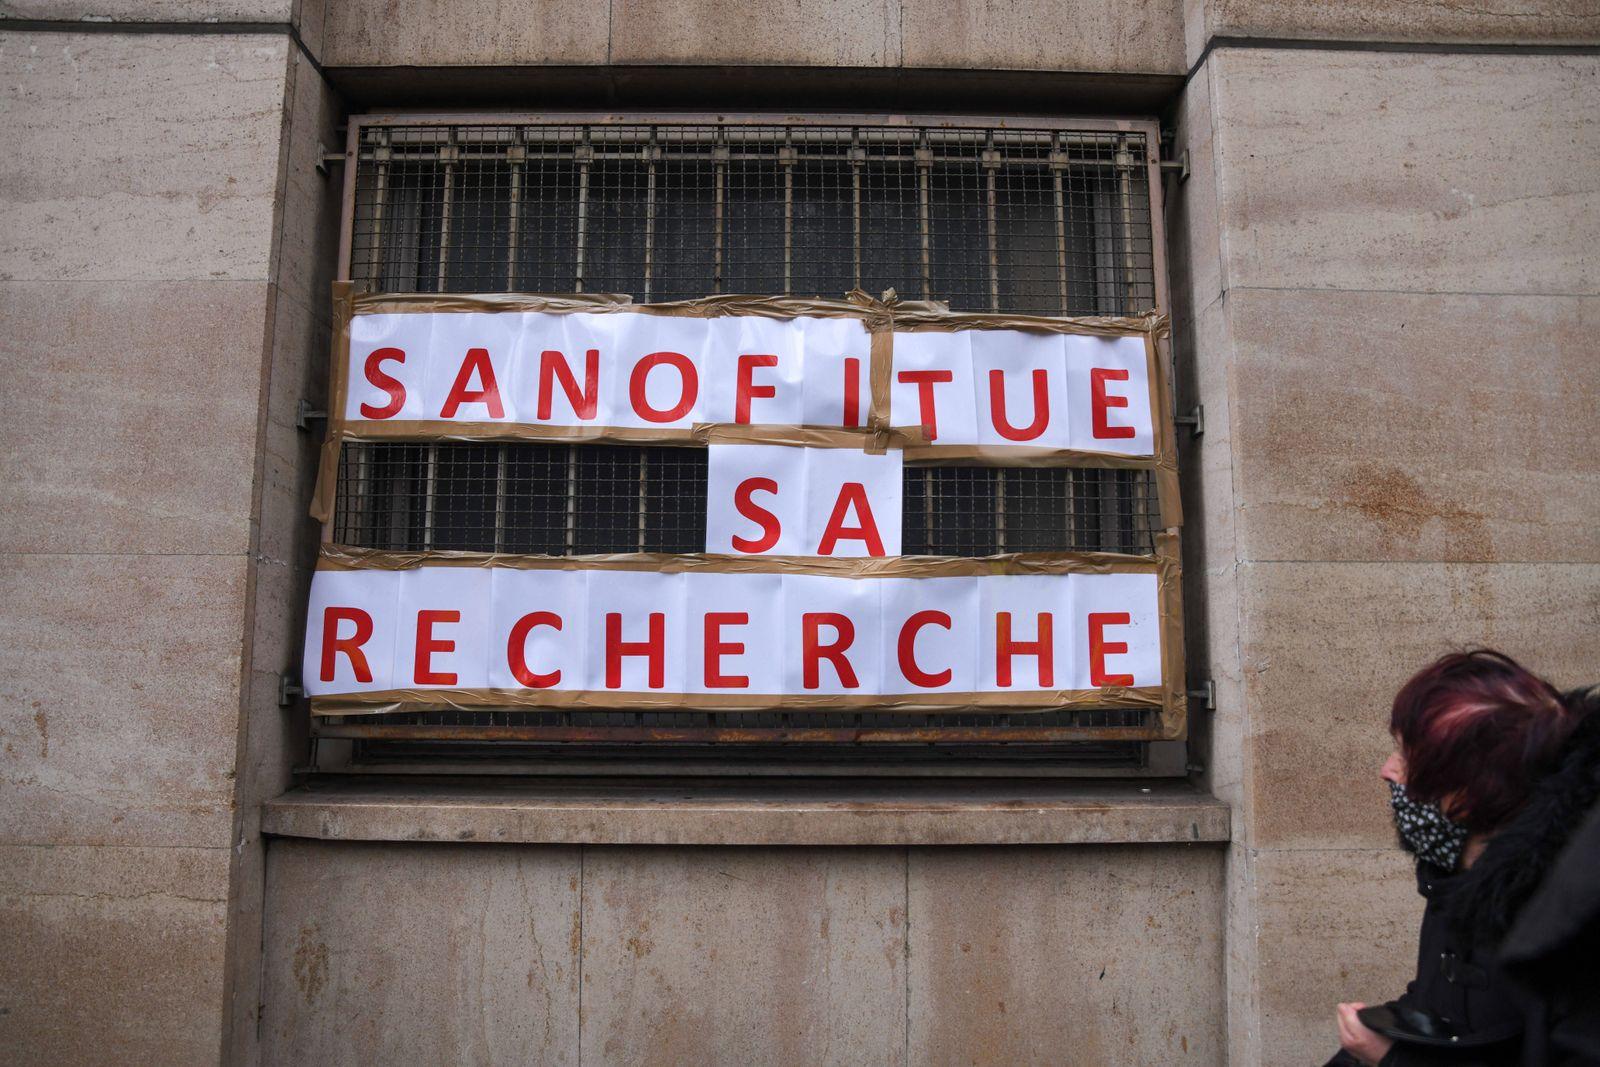 FRANCE - POLITICS - DEMO - PROTEST AGAINST DISMISSALS IN PARIS Protest against firering jobs in Paris. Paris, France. J